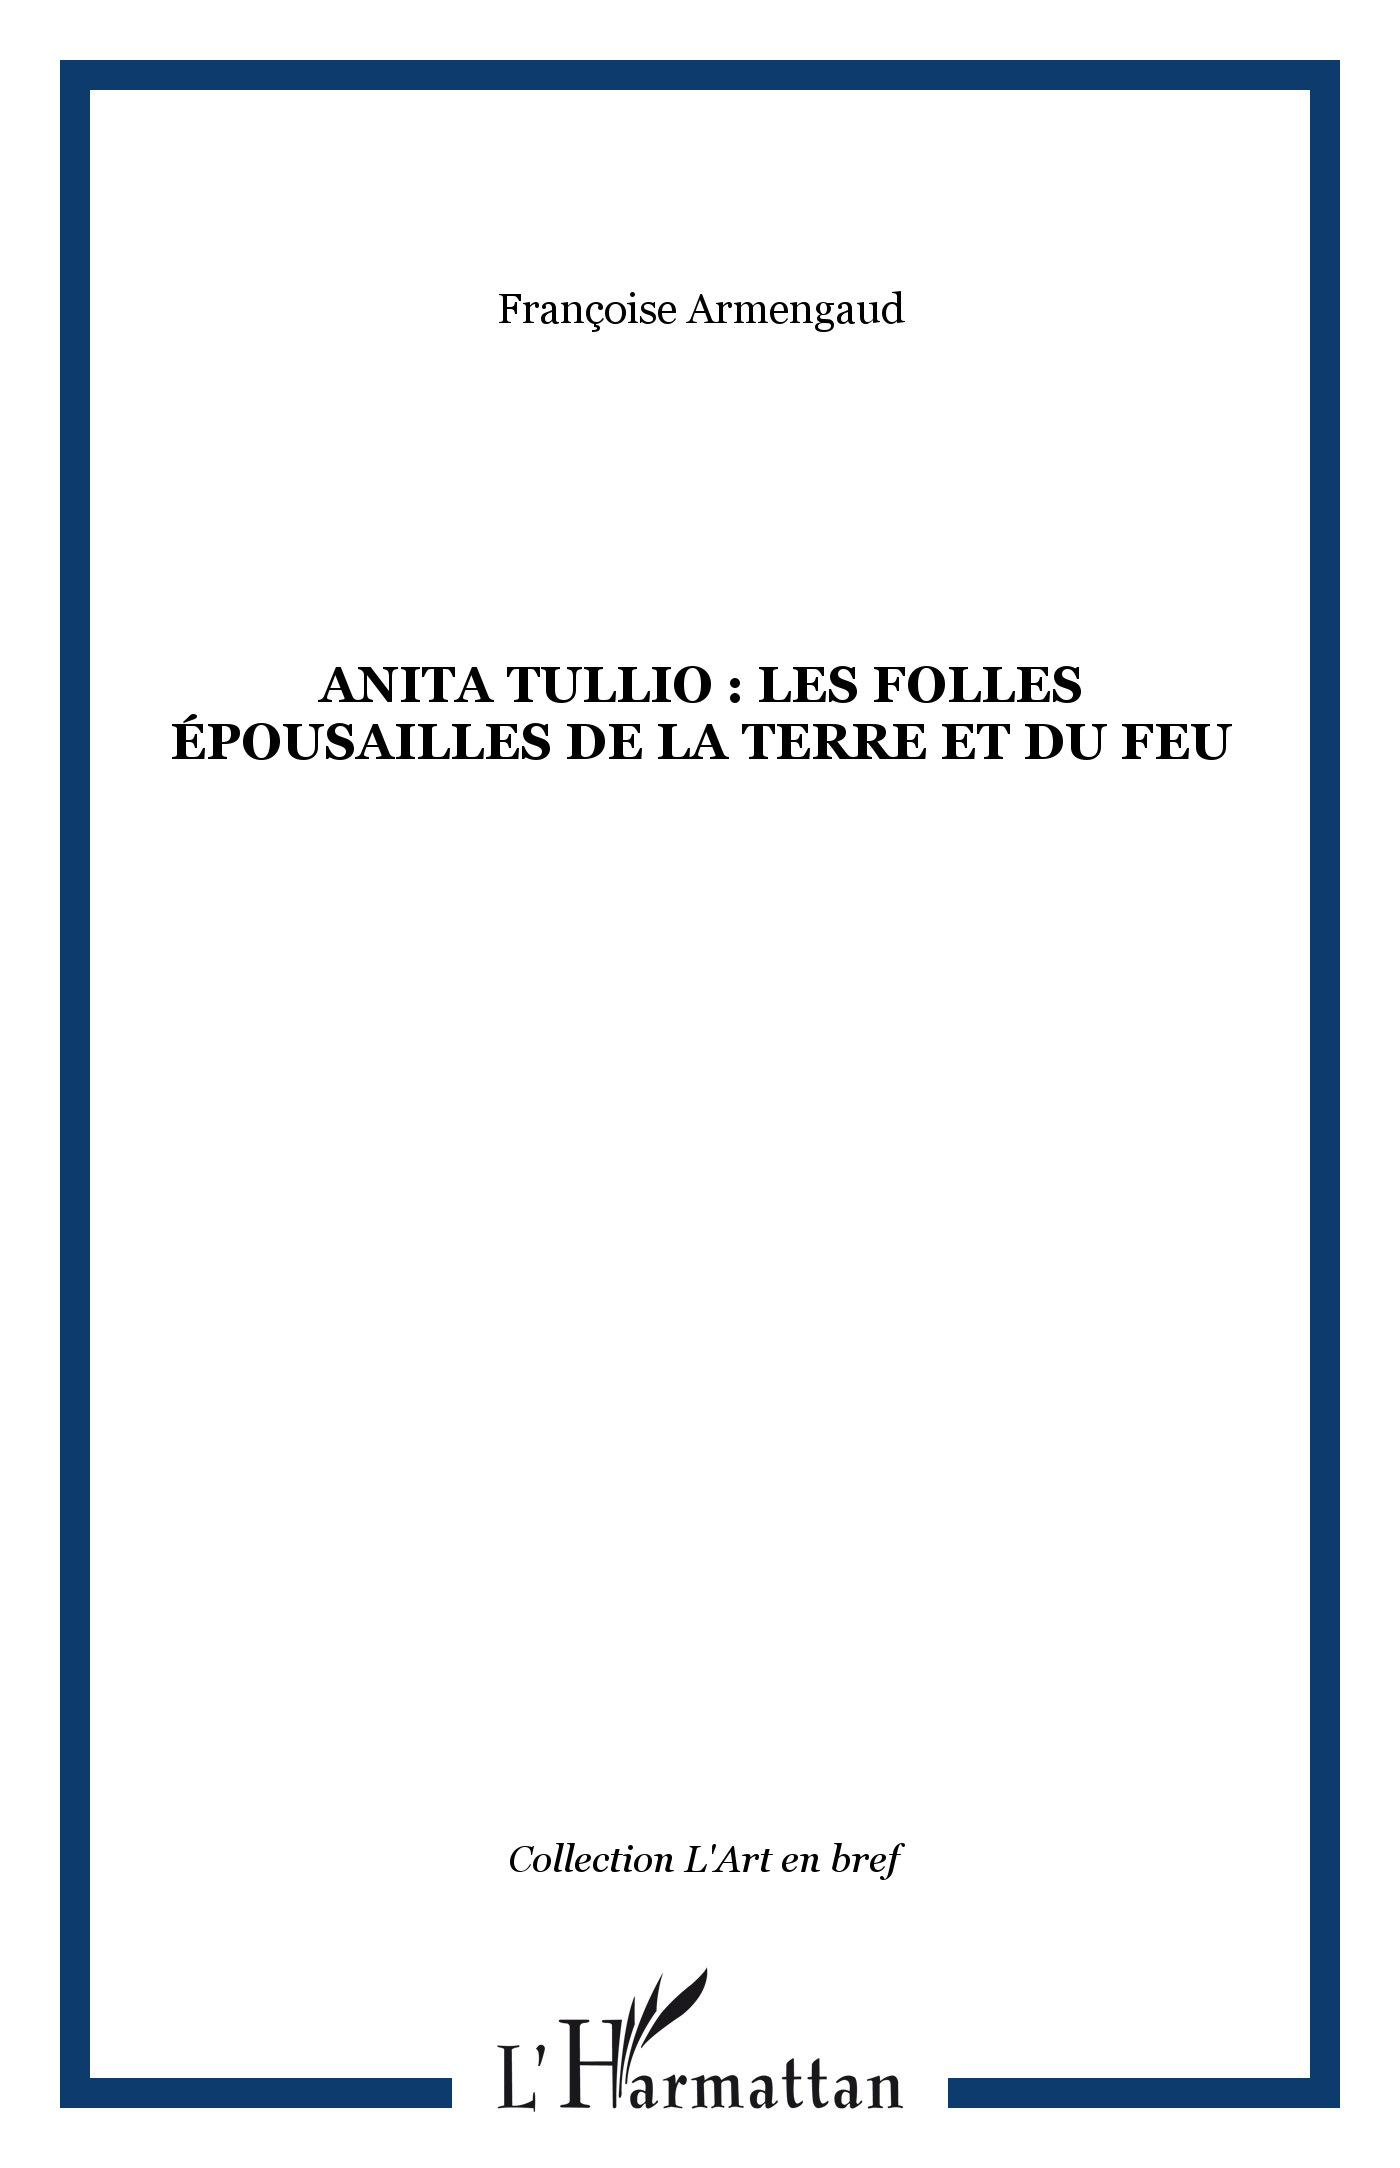 ANITA TULLIO : LES